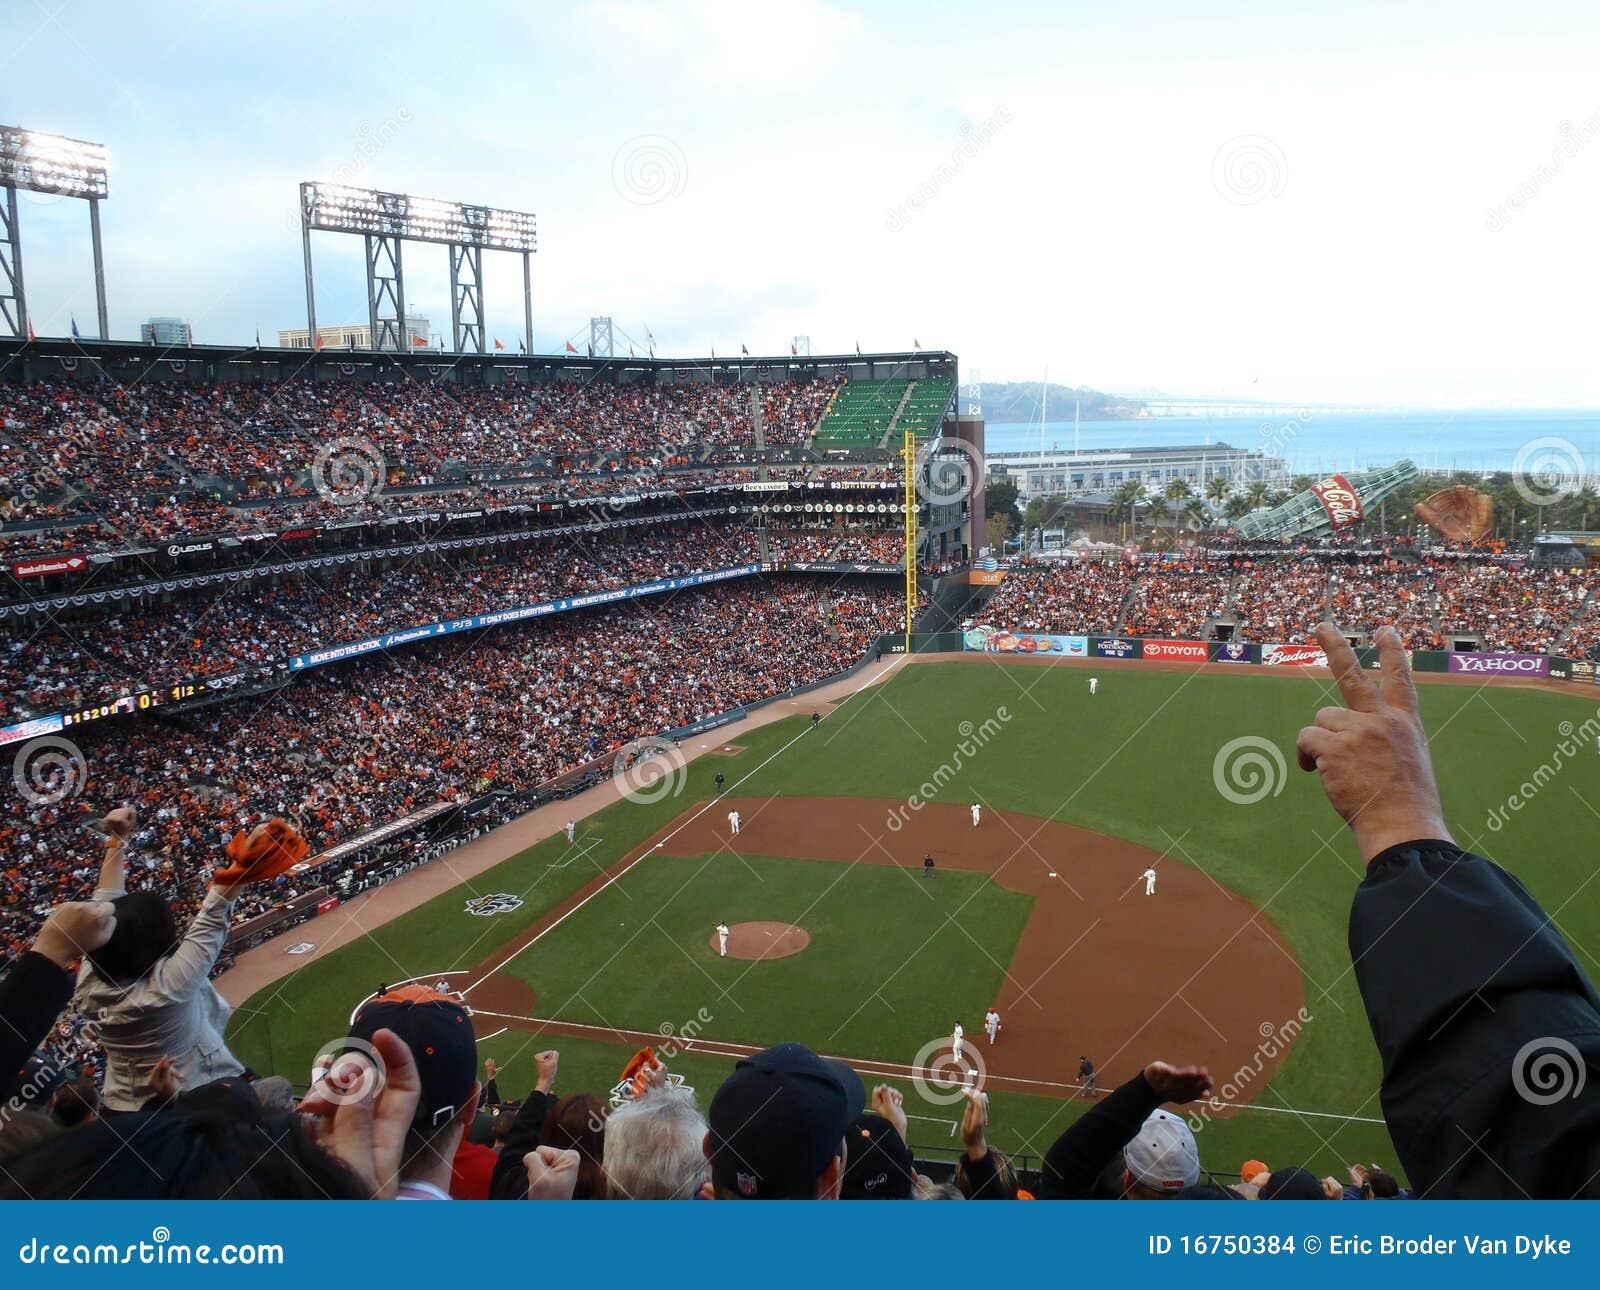 Cheer van ventilators voor inning die strikeout beëindigt